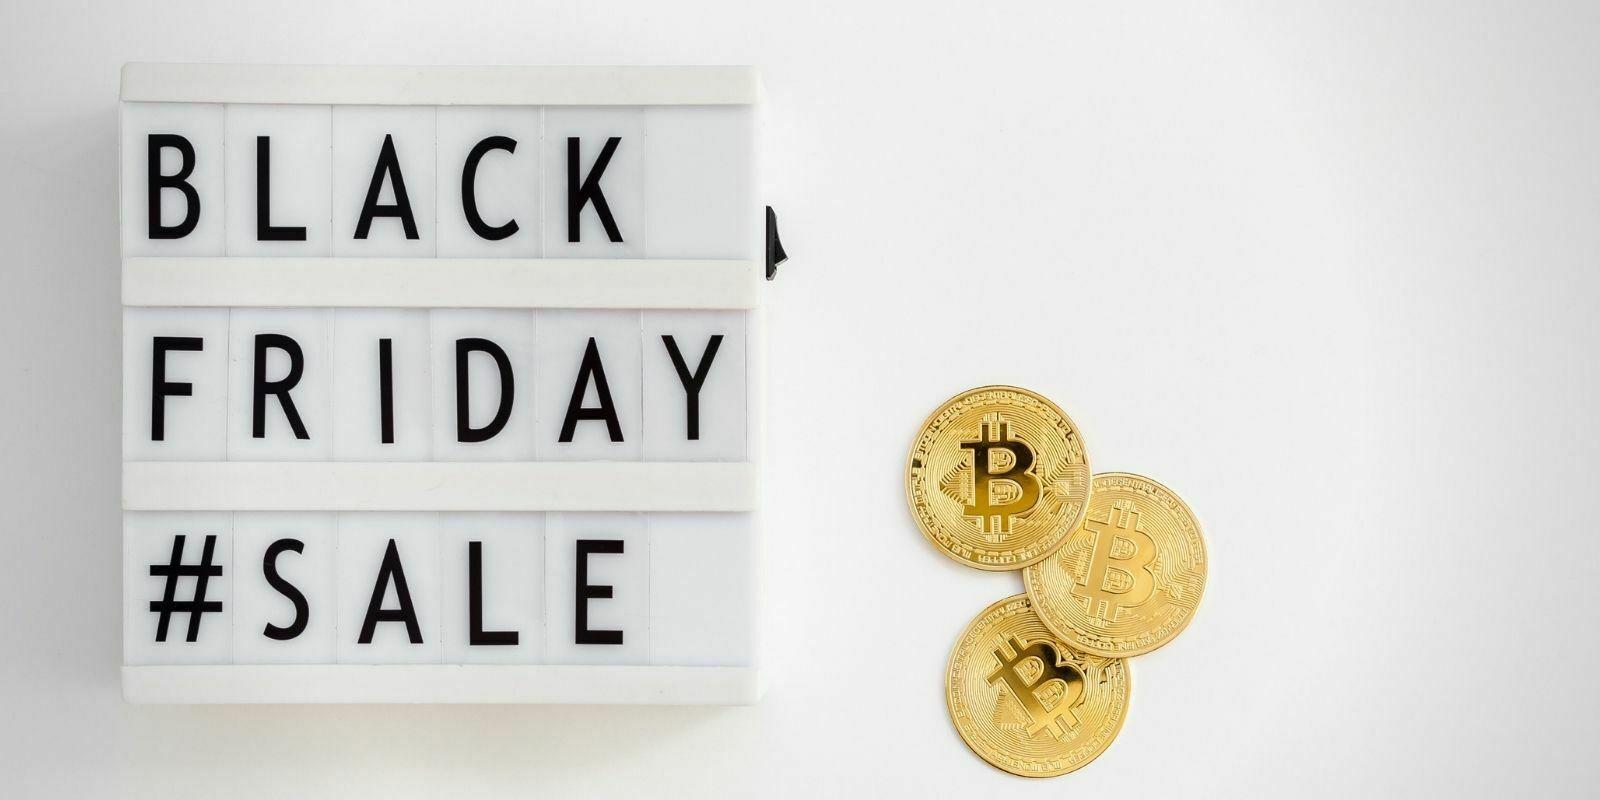 Bitcoin Black Friday 2020 - Les offres à ne pas manquer